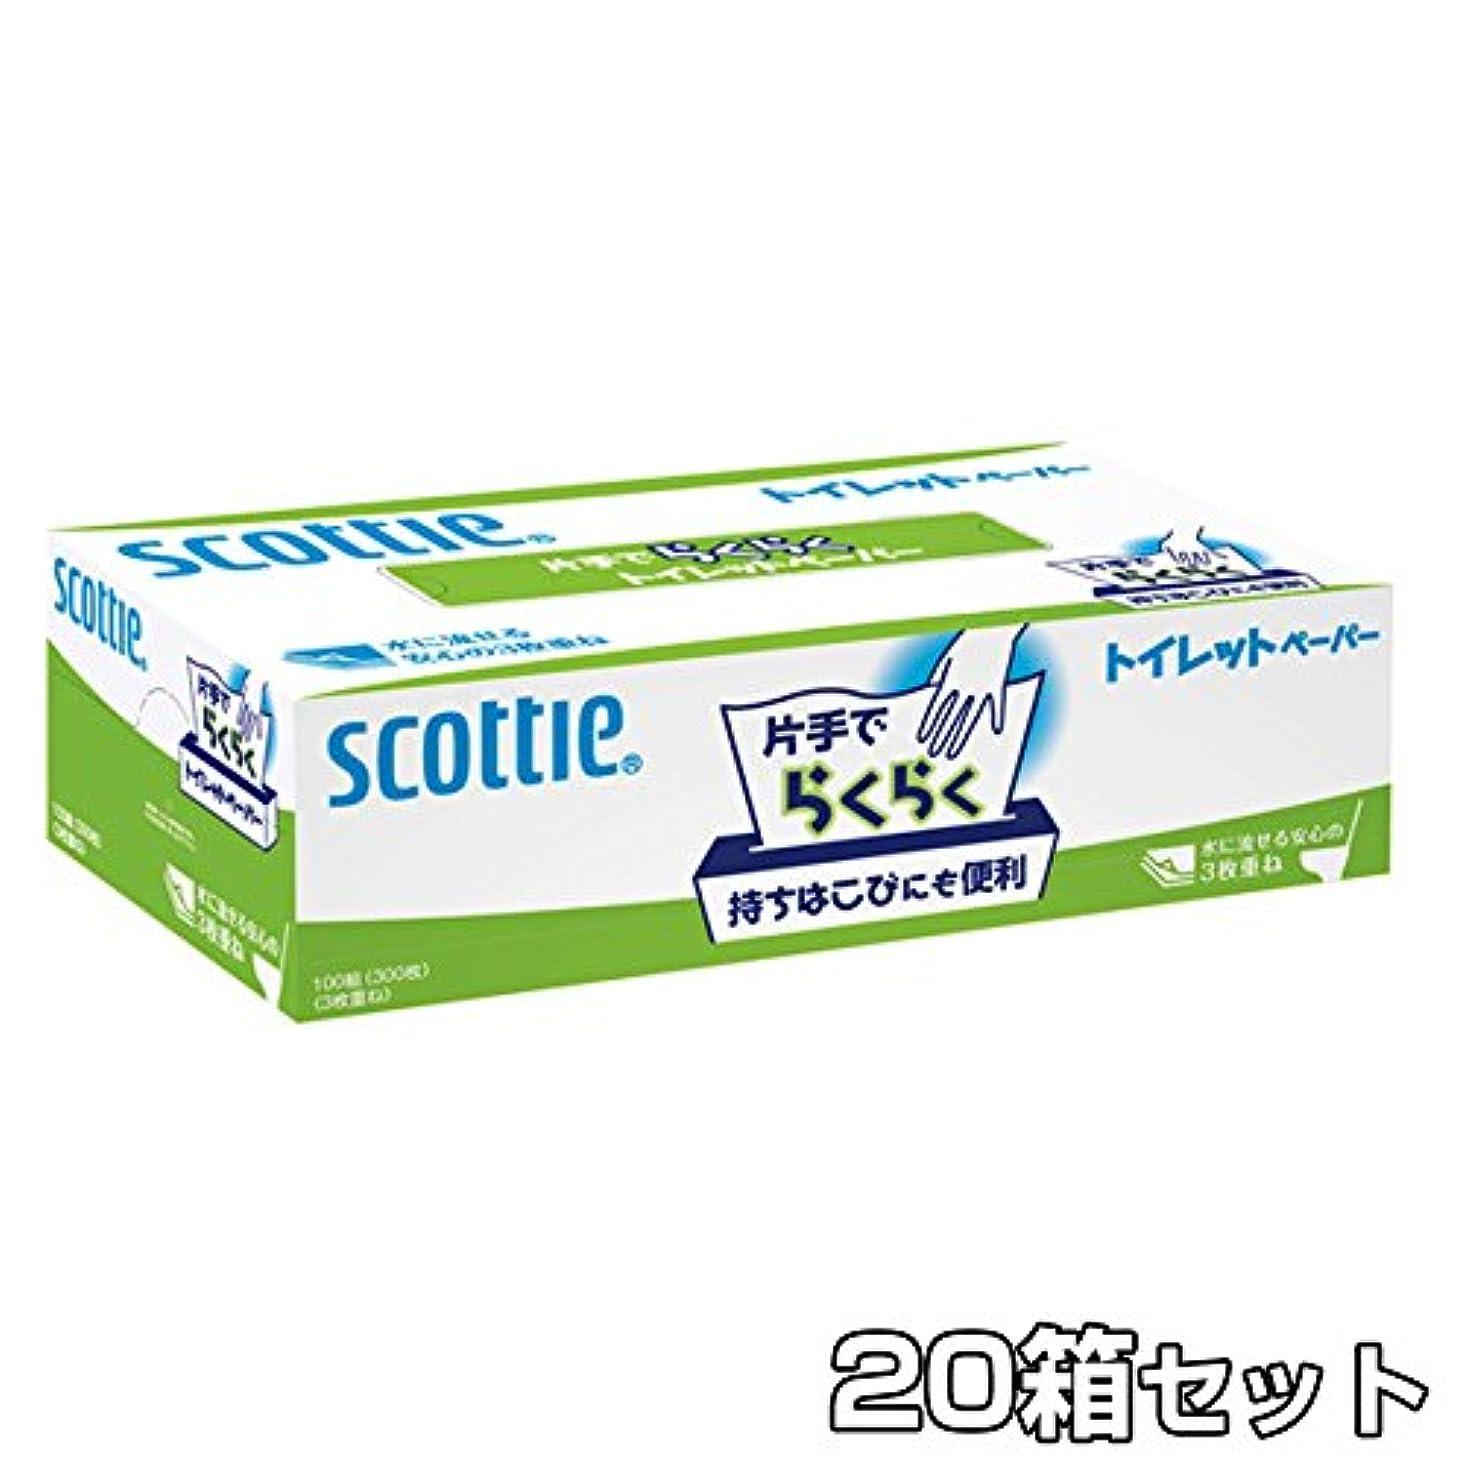 橋脚論争の的頬日本製紙クレシア スコッティ 片手でらくらくトイレットペーパー300枚(100組)×20入セット 29100